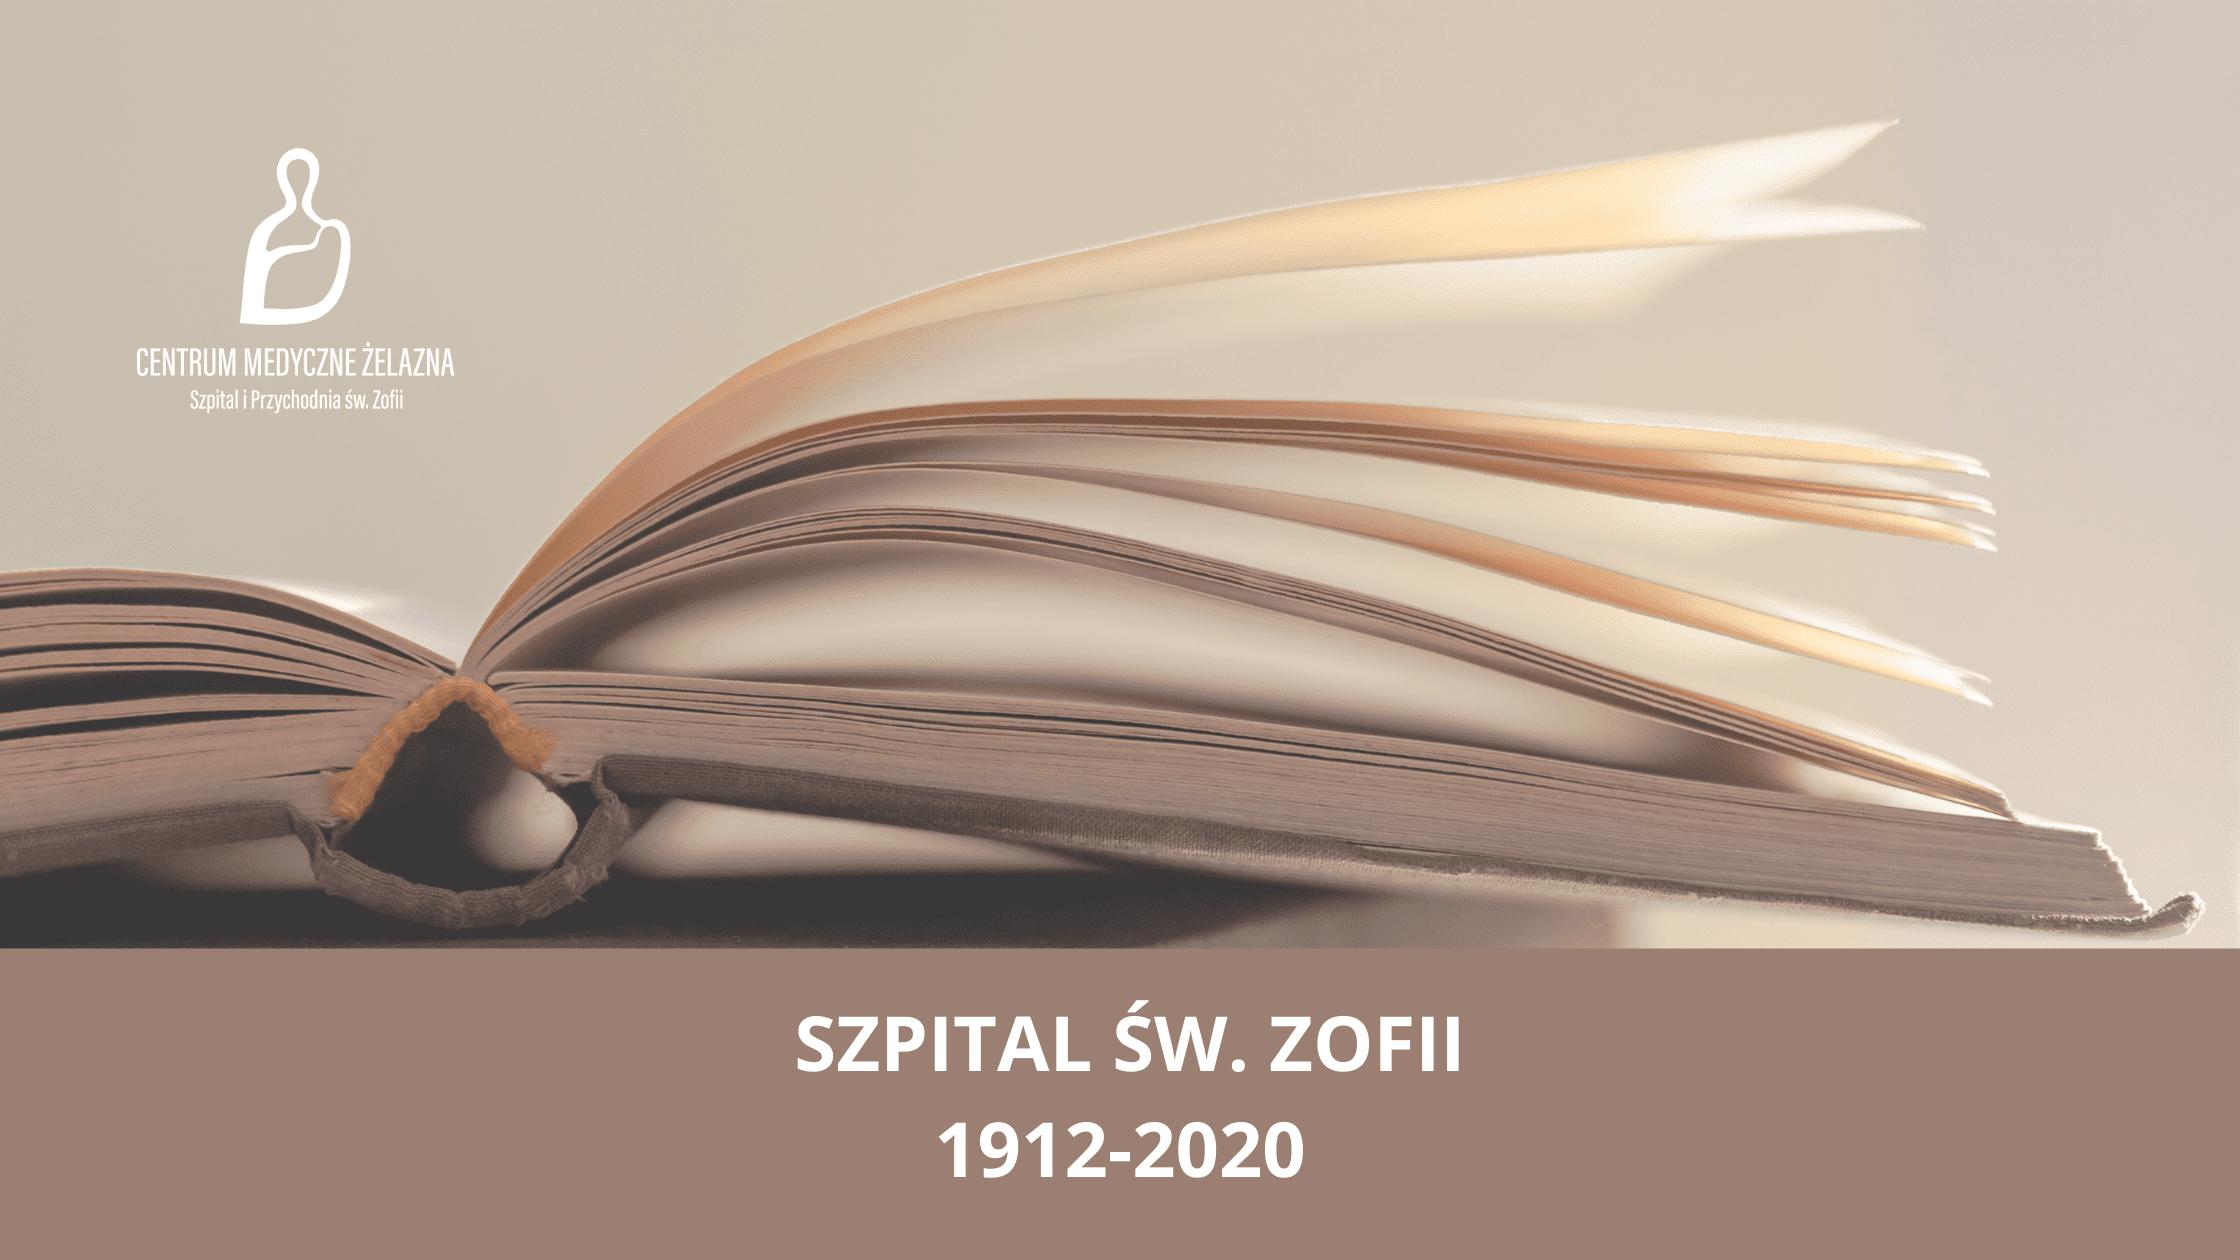 otwarta książka, napis szpital św, zofii 1912-2020